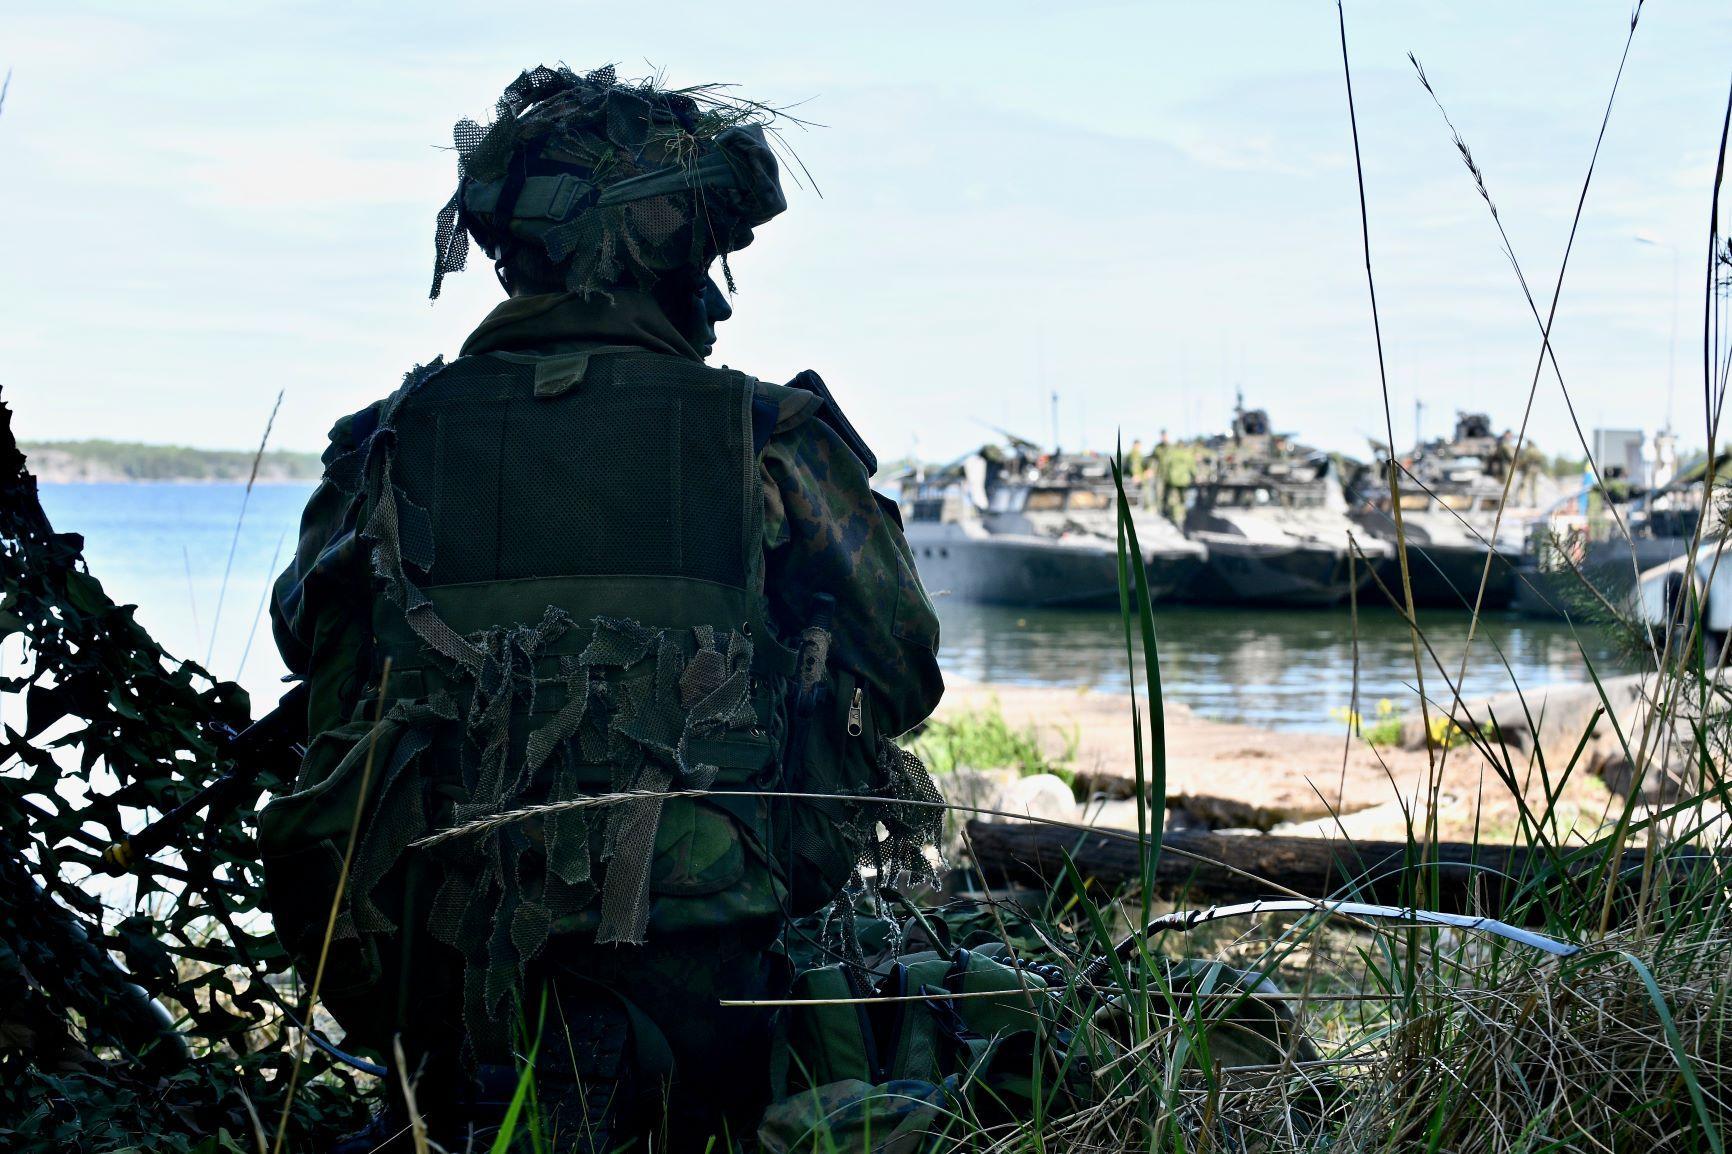 En soldat tittar ut över vattnet